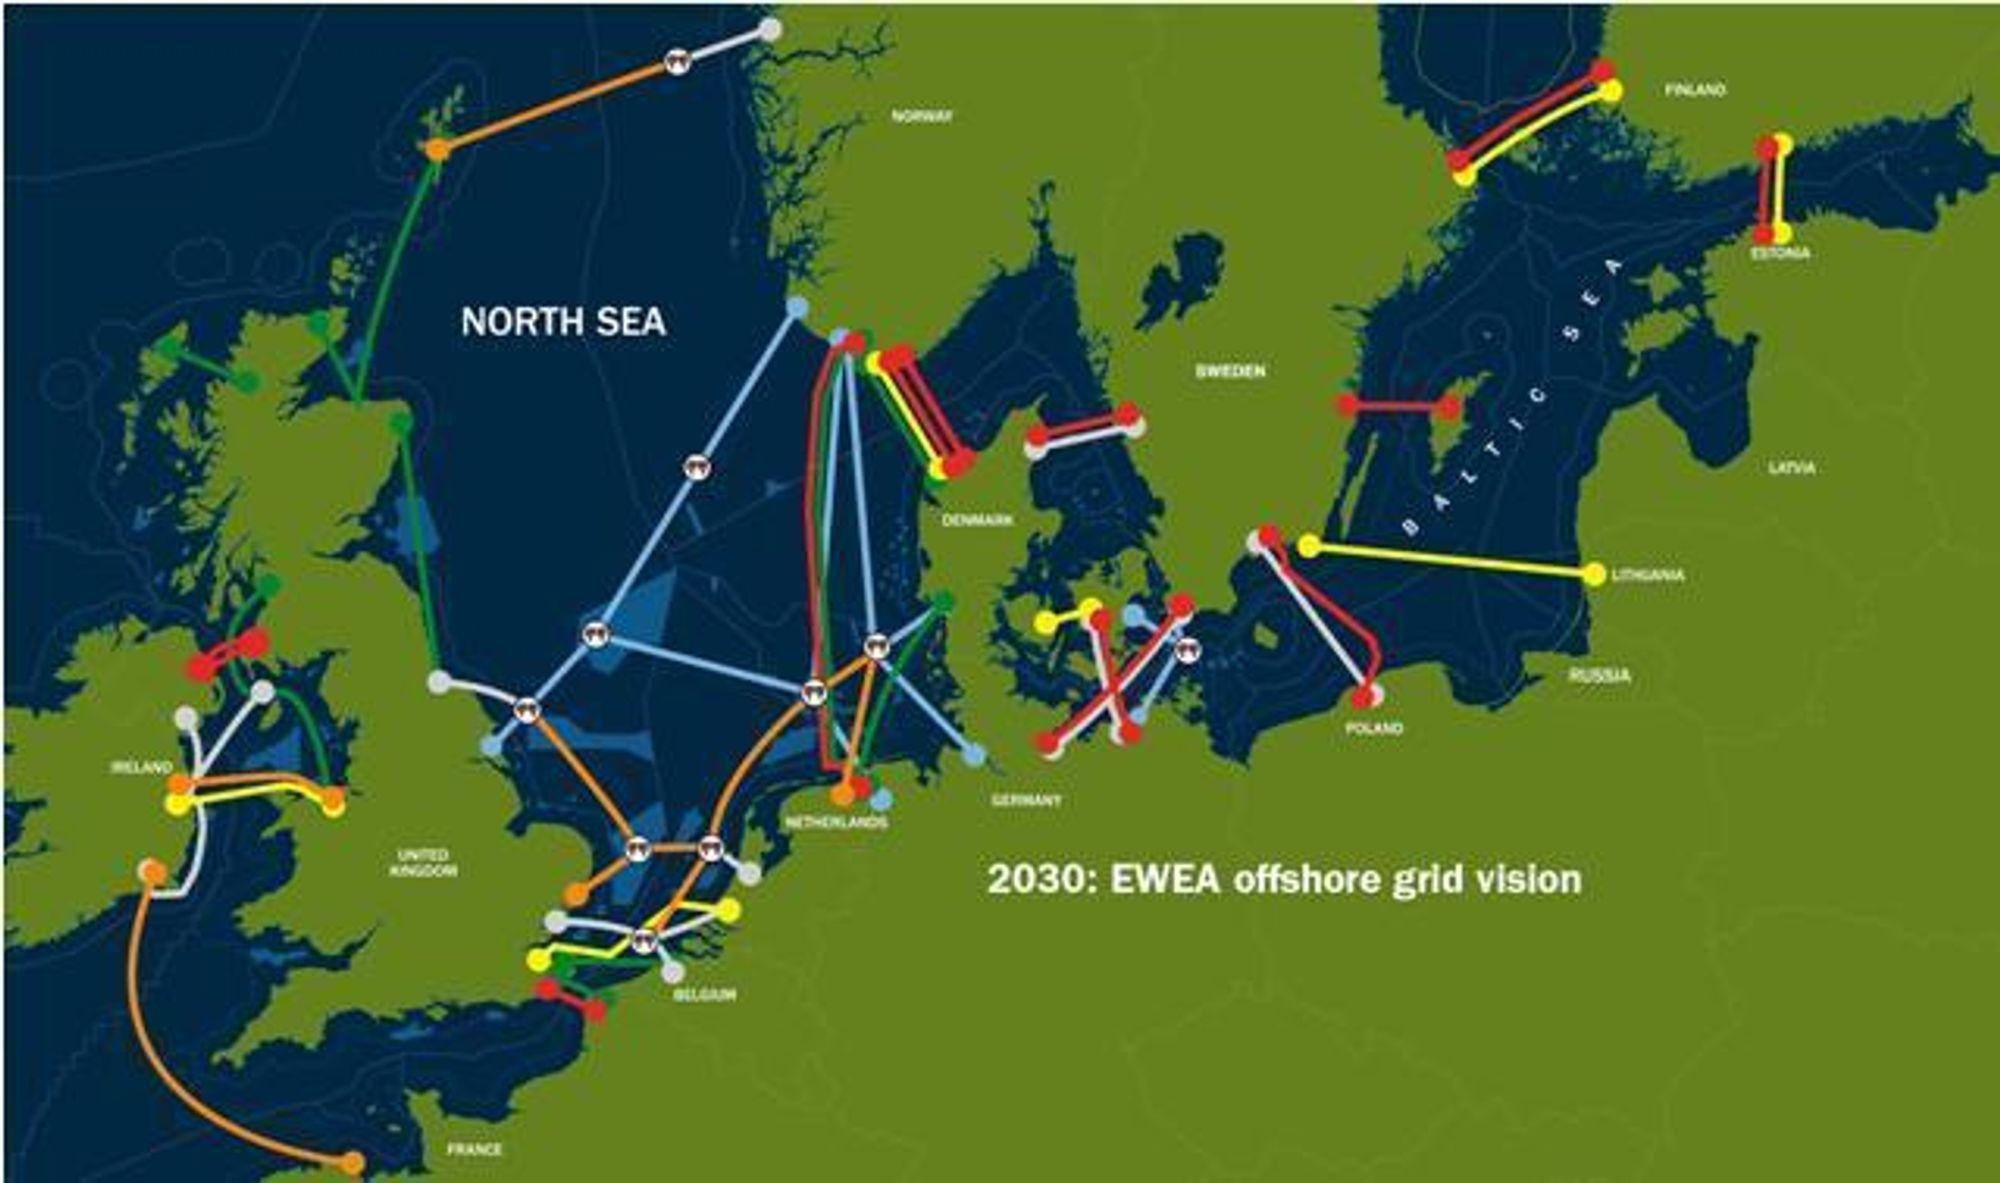 STORE KABELPLANER: Slik ser den europeiske vindkraftorganisasjonen EWEA for seg et framtidig nett av strømkabler i Nordsjøen og Østersjøen.